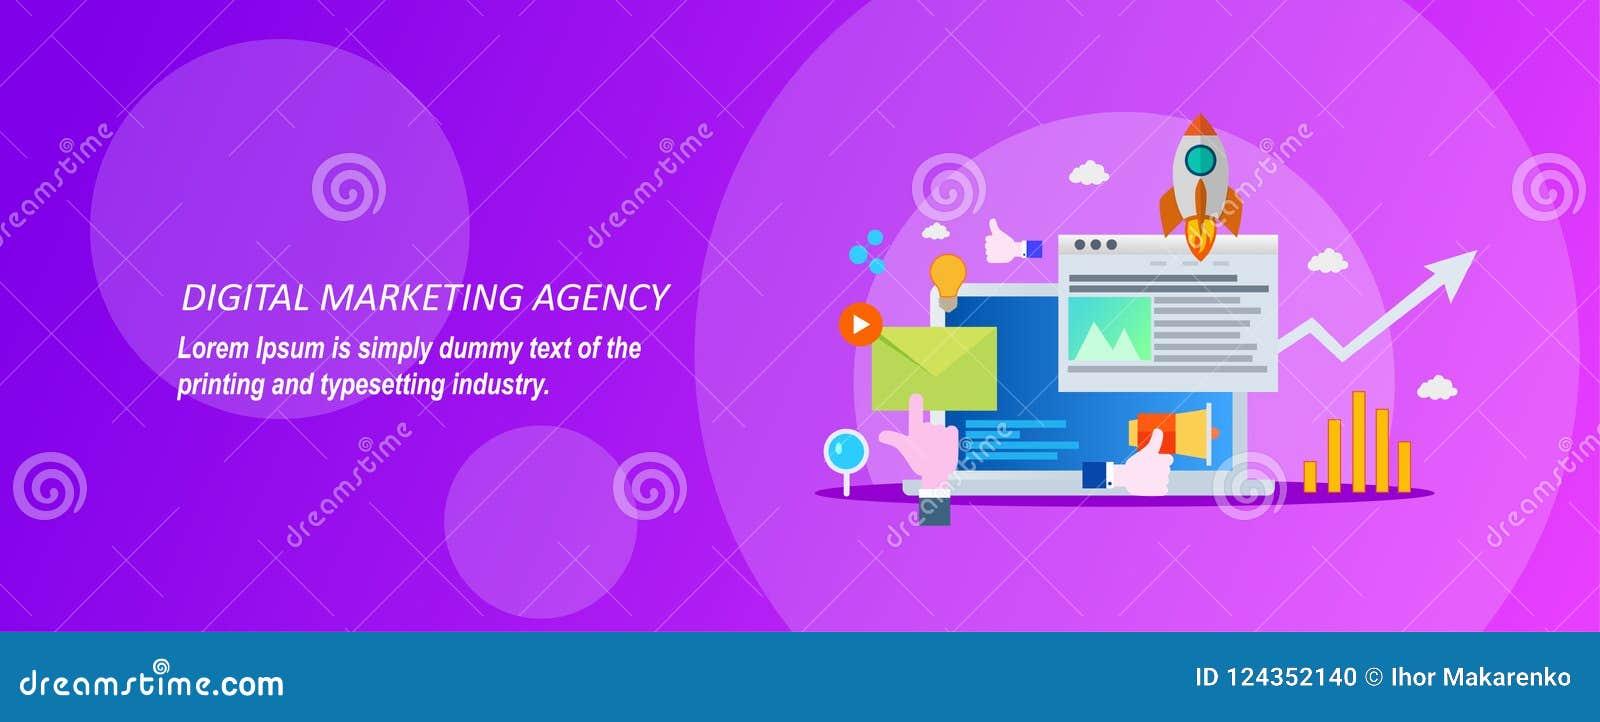 Concepto para la agencia digital del márketing en un fondo violeta